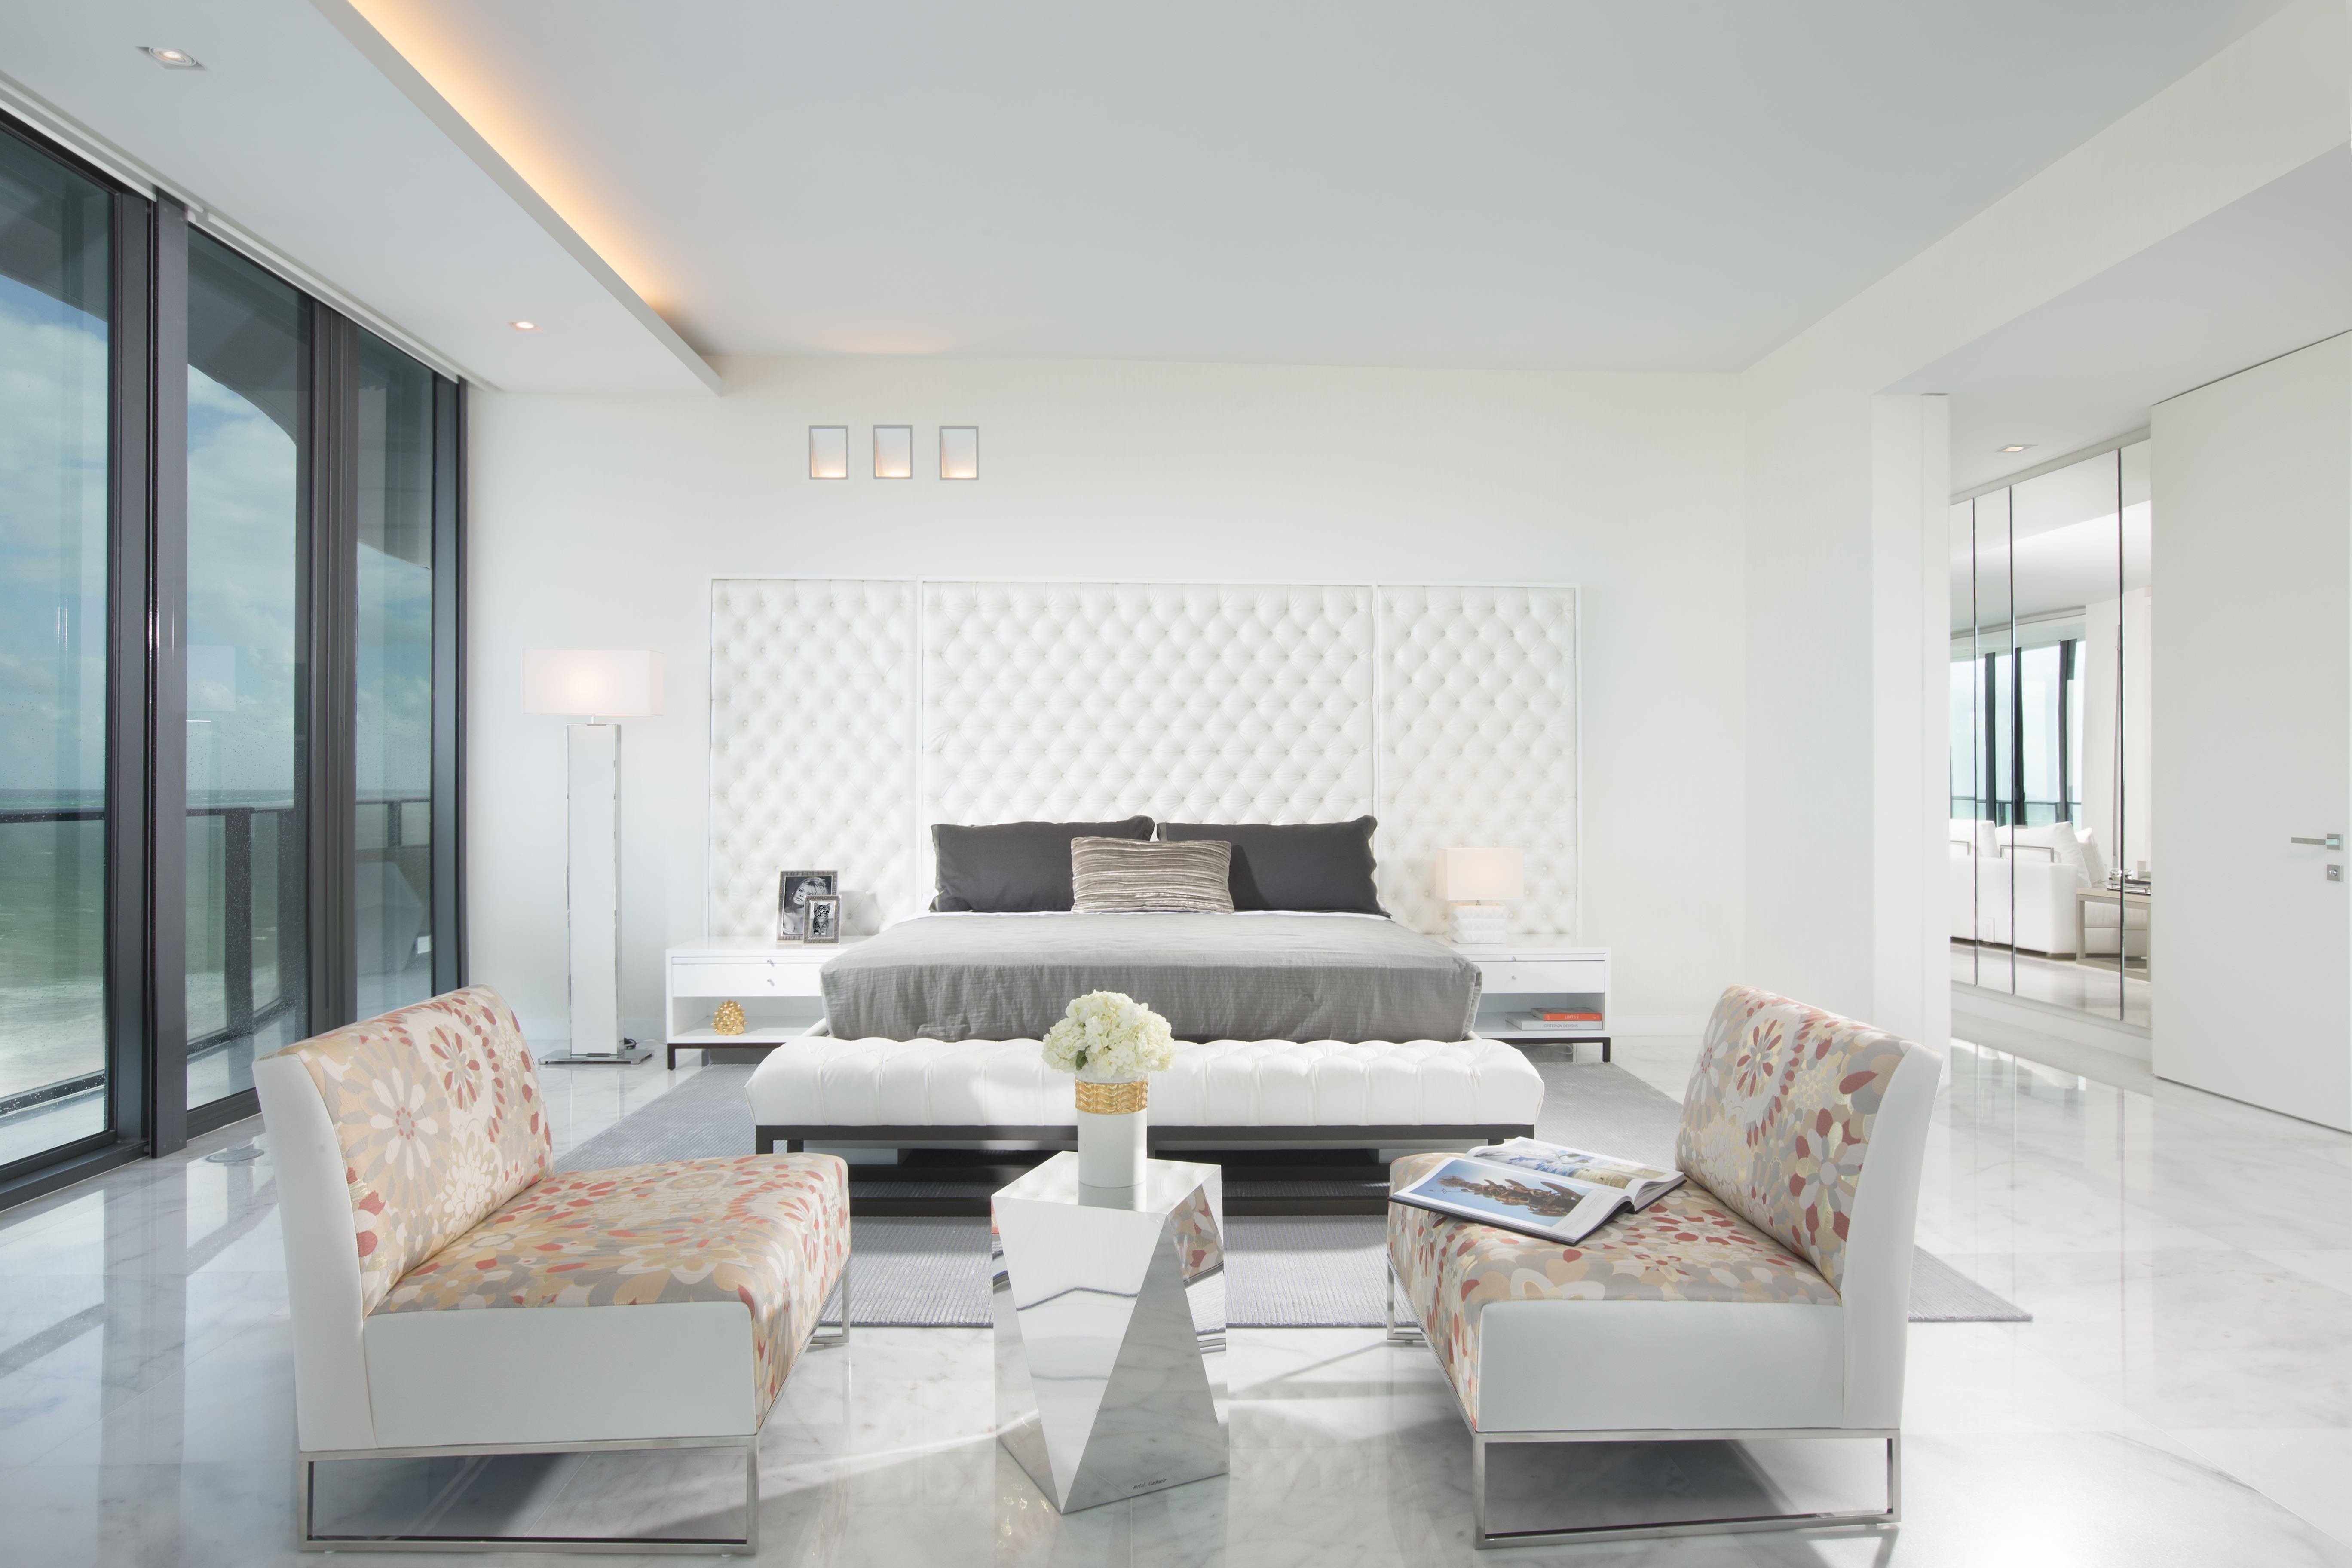 Miami Interior Designers   Residential Interior Design Project In Miami,  FL. Regalia Is An